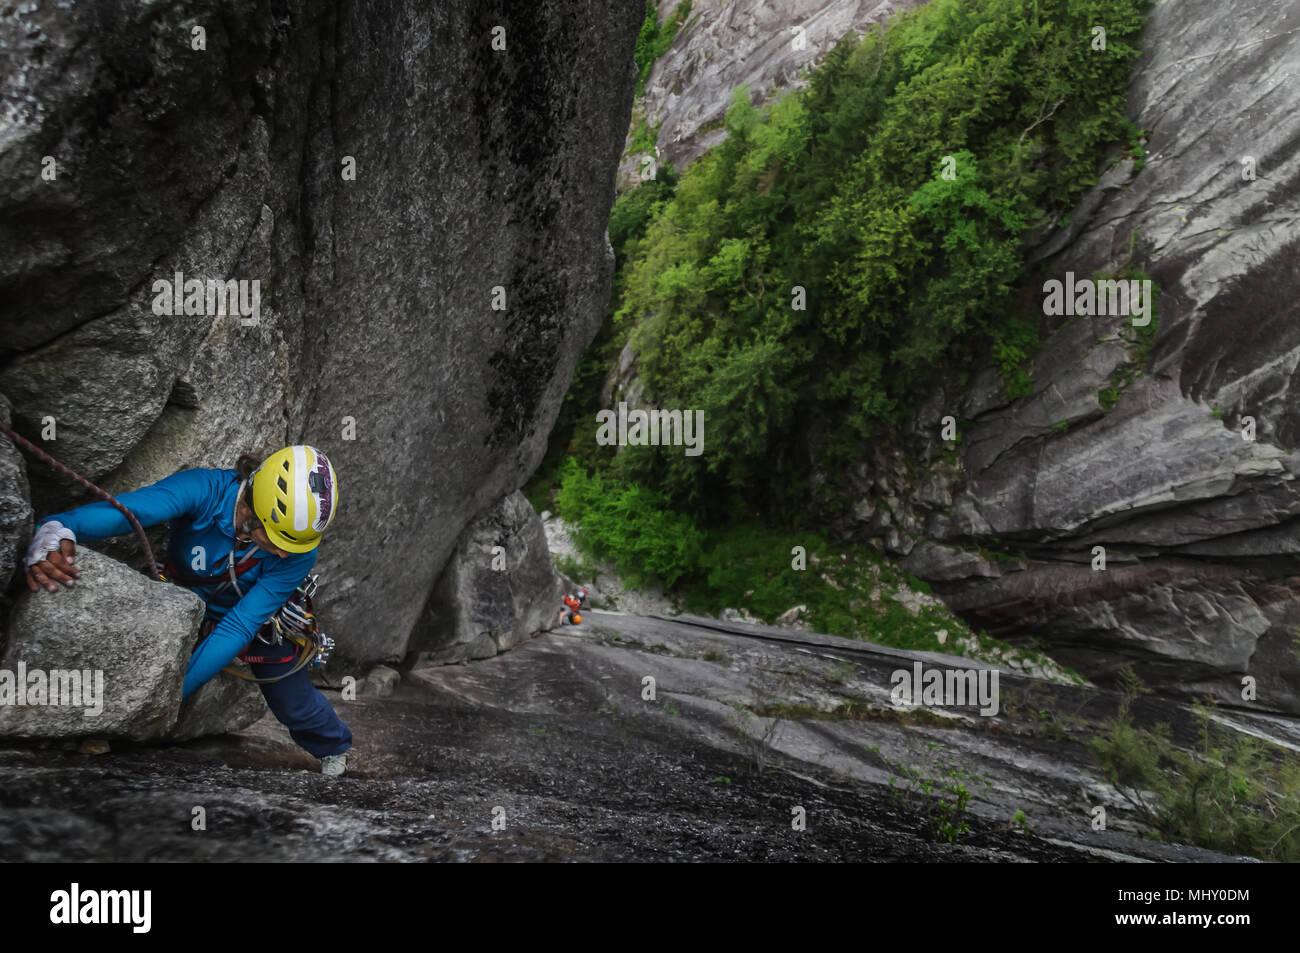 Trad escalar al jefe, Squamish, Canadá Imagen De Stock